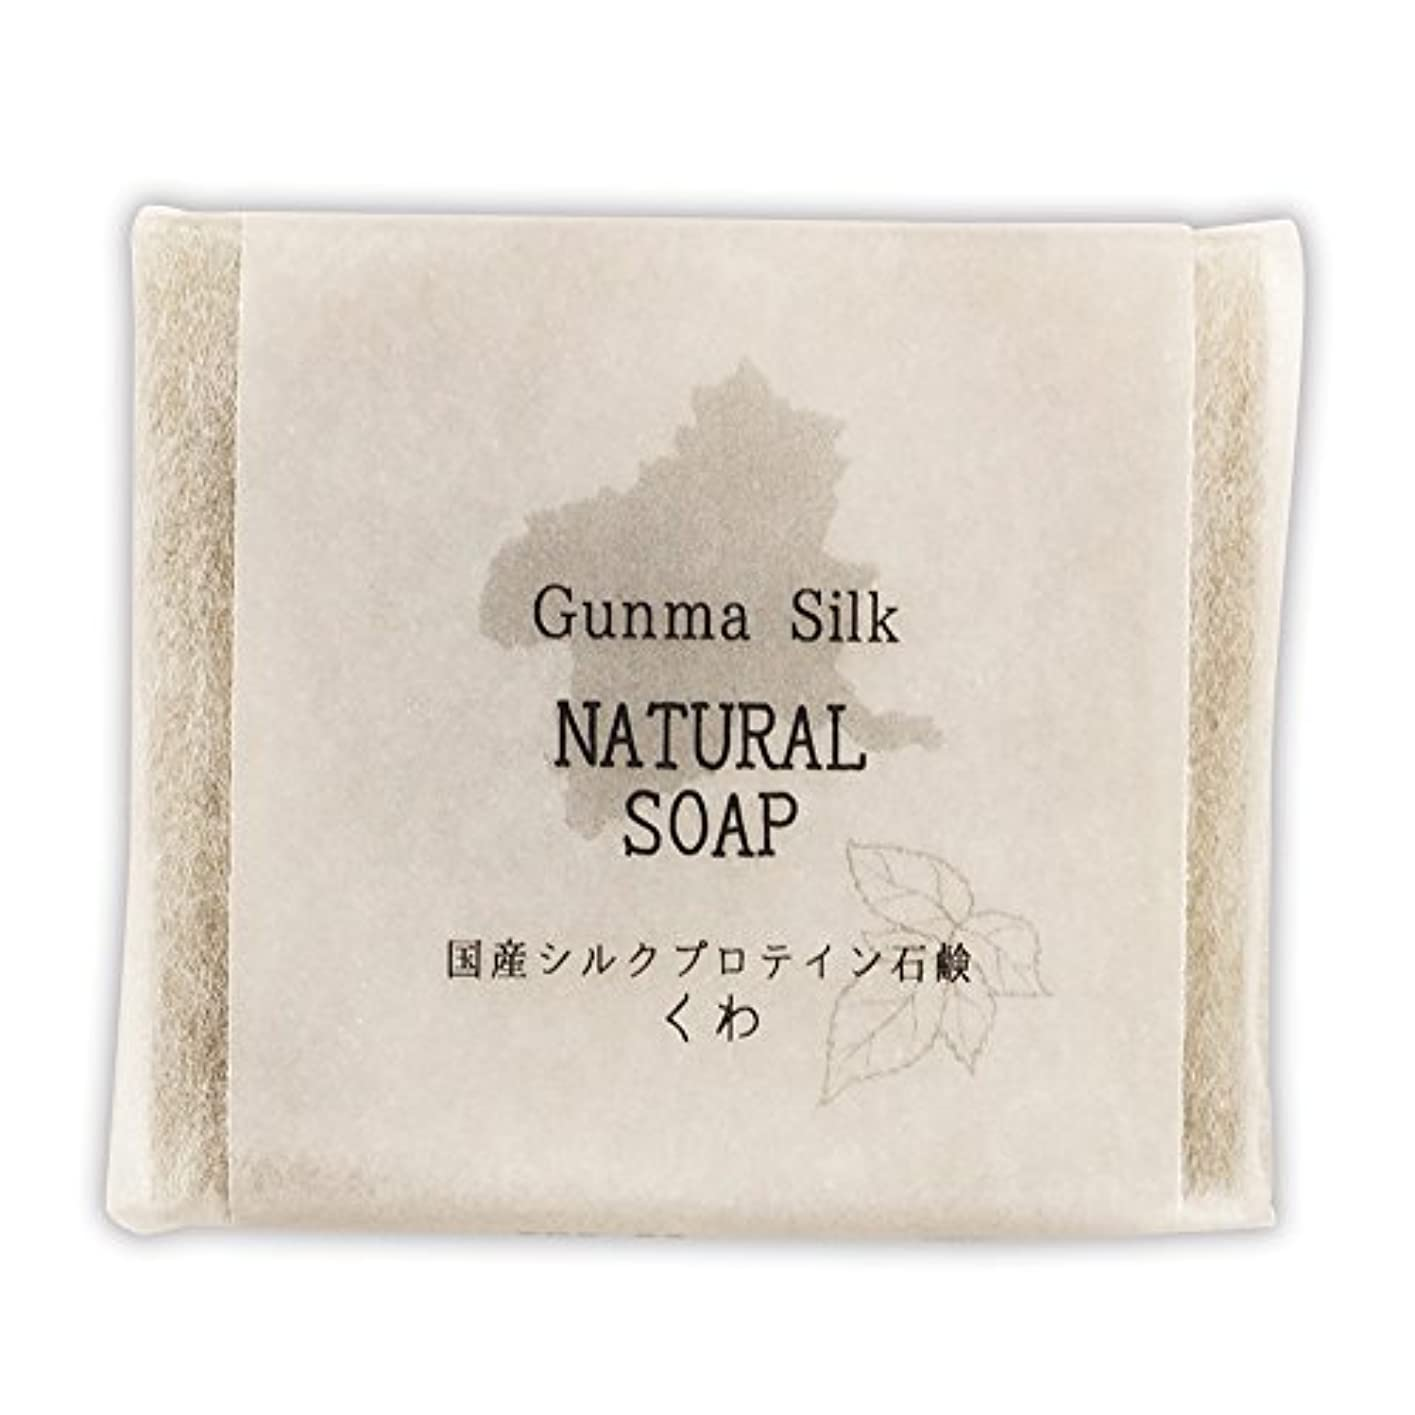 部分的表面的な疑問に思うBN 国産シルクプロテイン石鹸 くわ SKS-03 (1個)